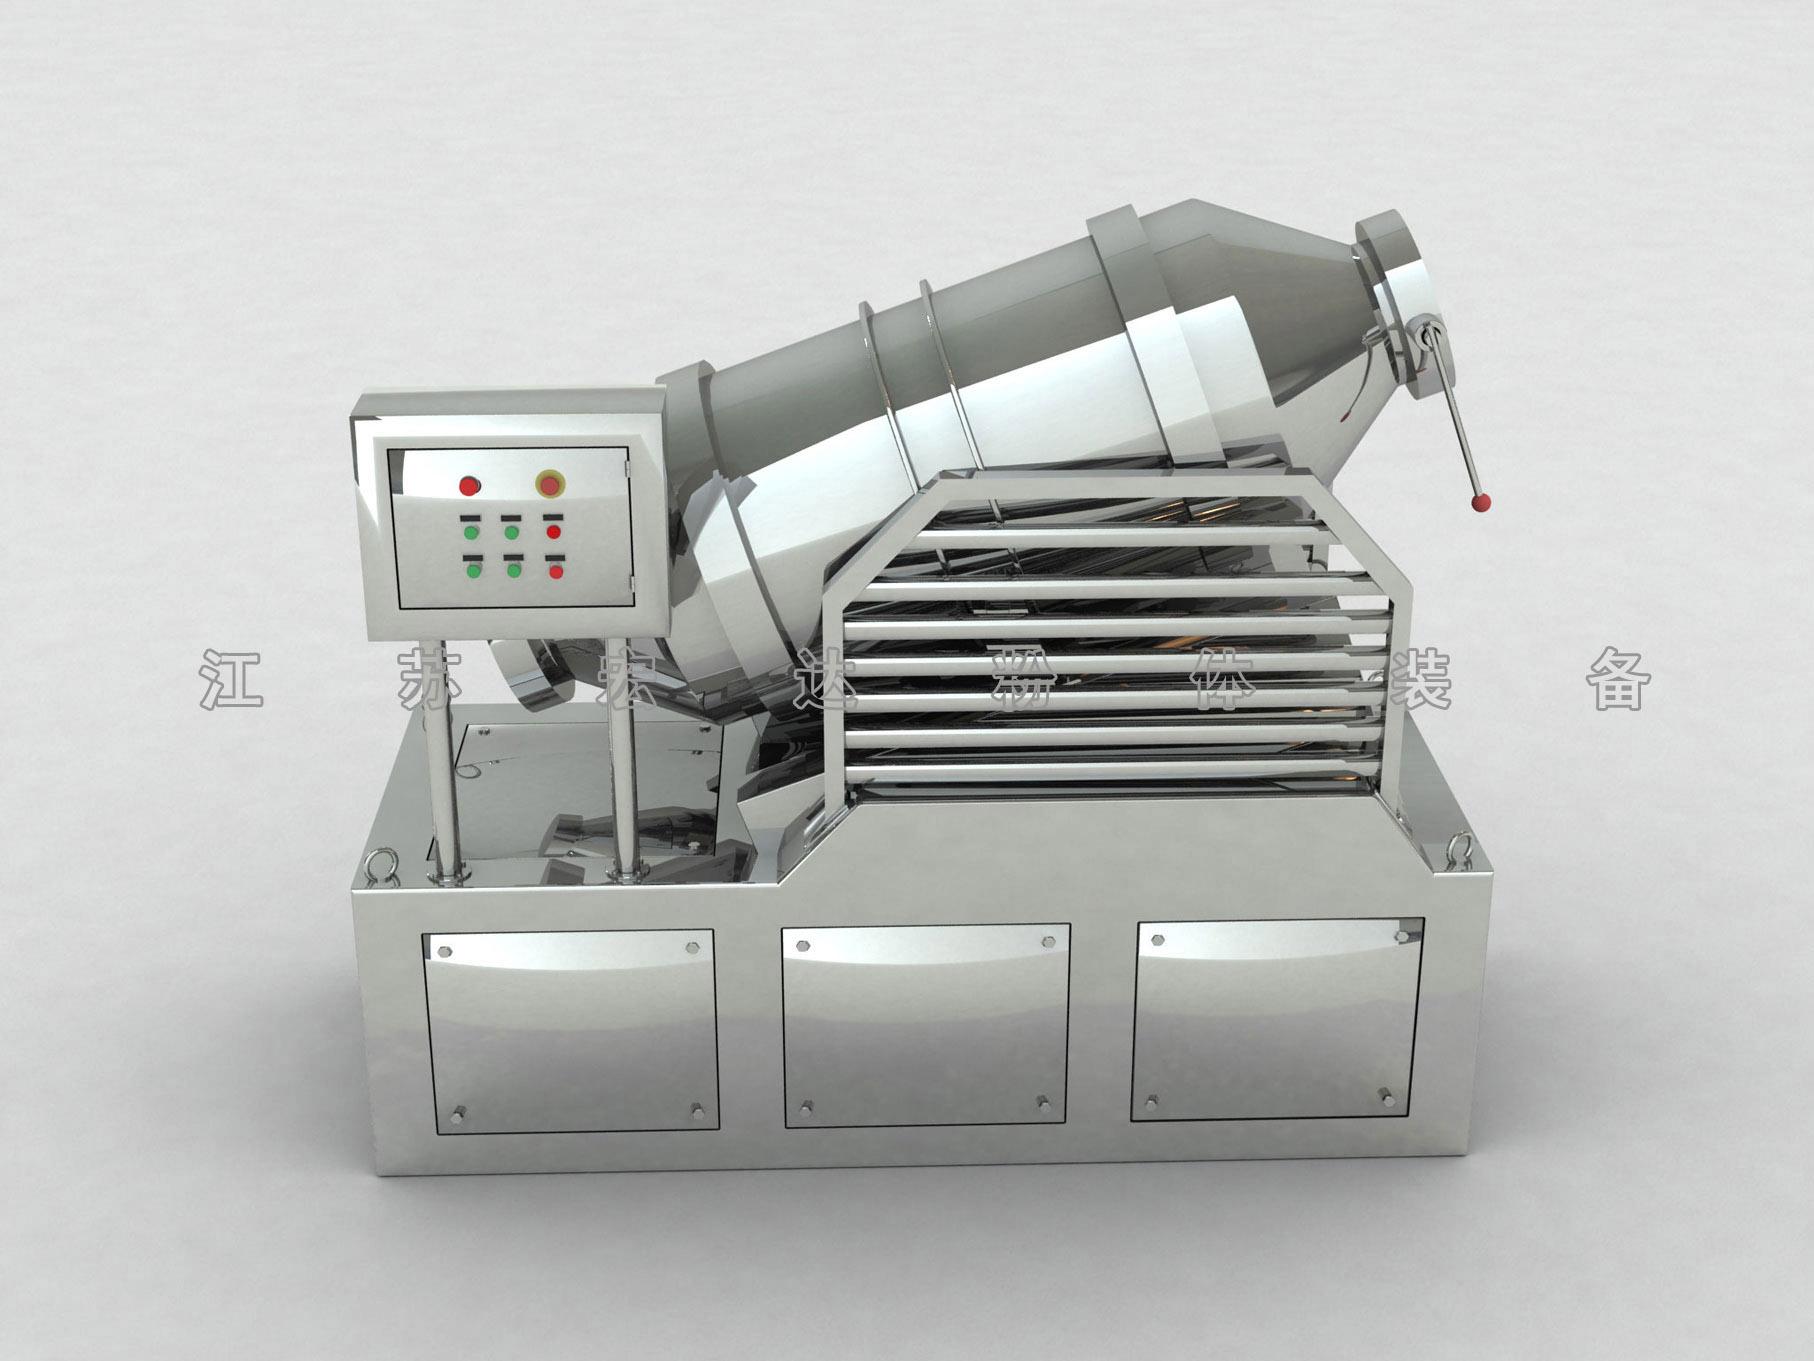 宏达粉体邀您相约第57届全国制药机械博览会,赴长沙共享盛会!